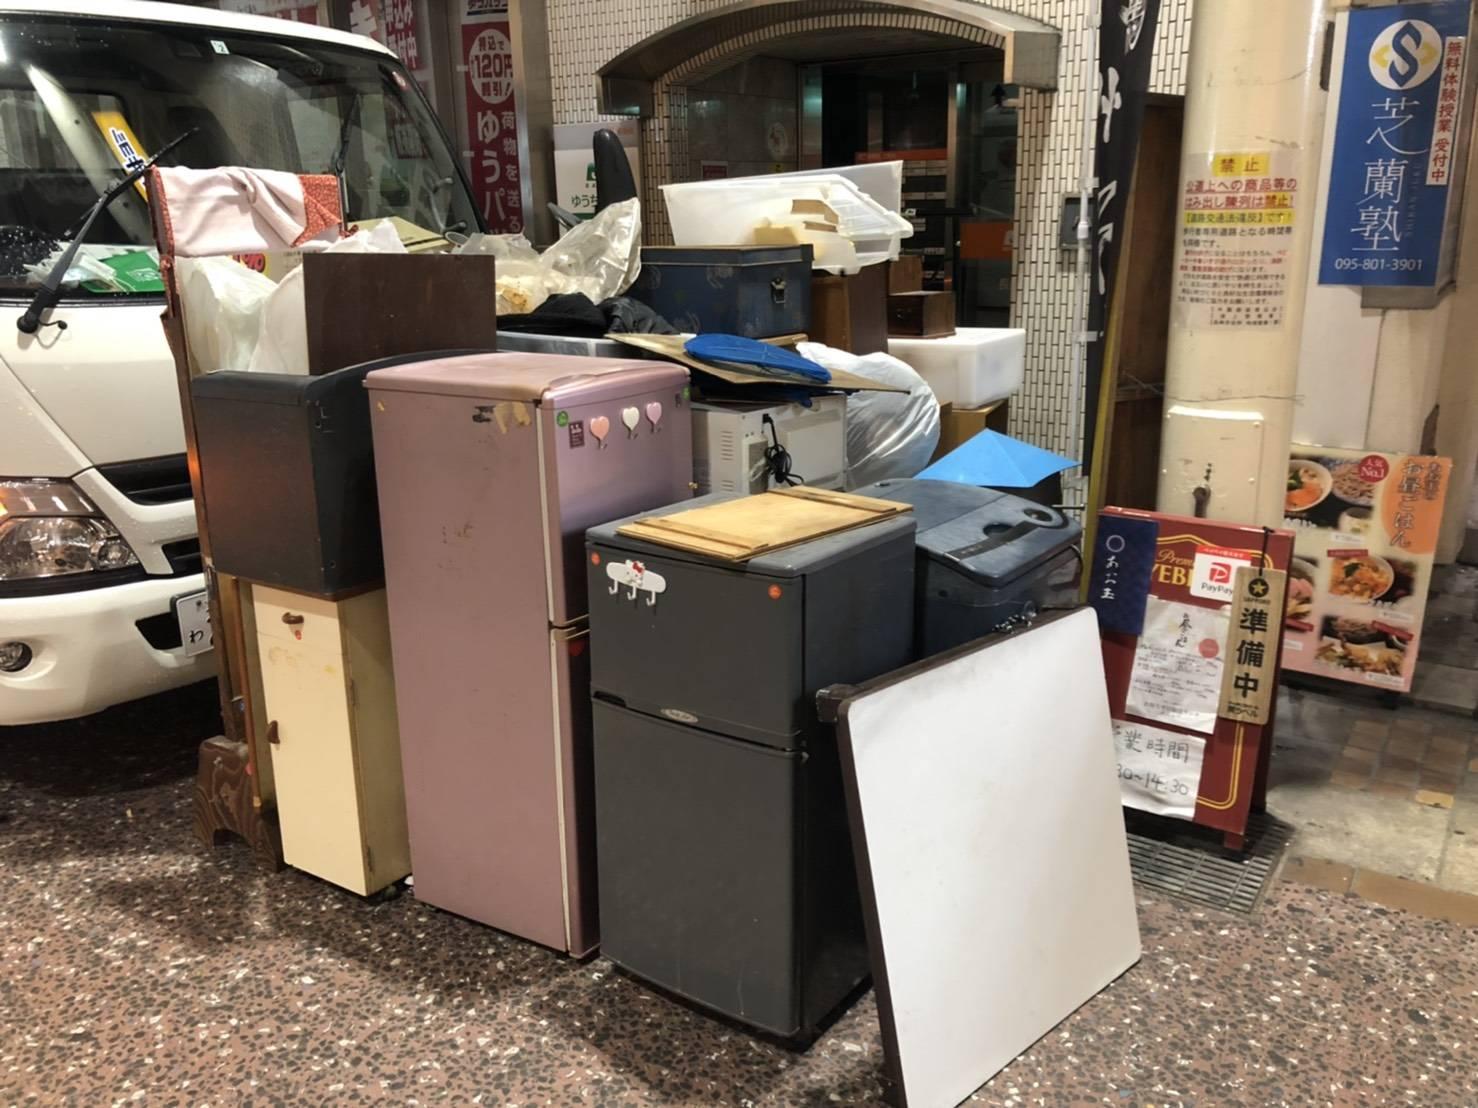 冷蔵庫や電子レンジなど、その他不用品の回収前